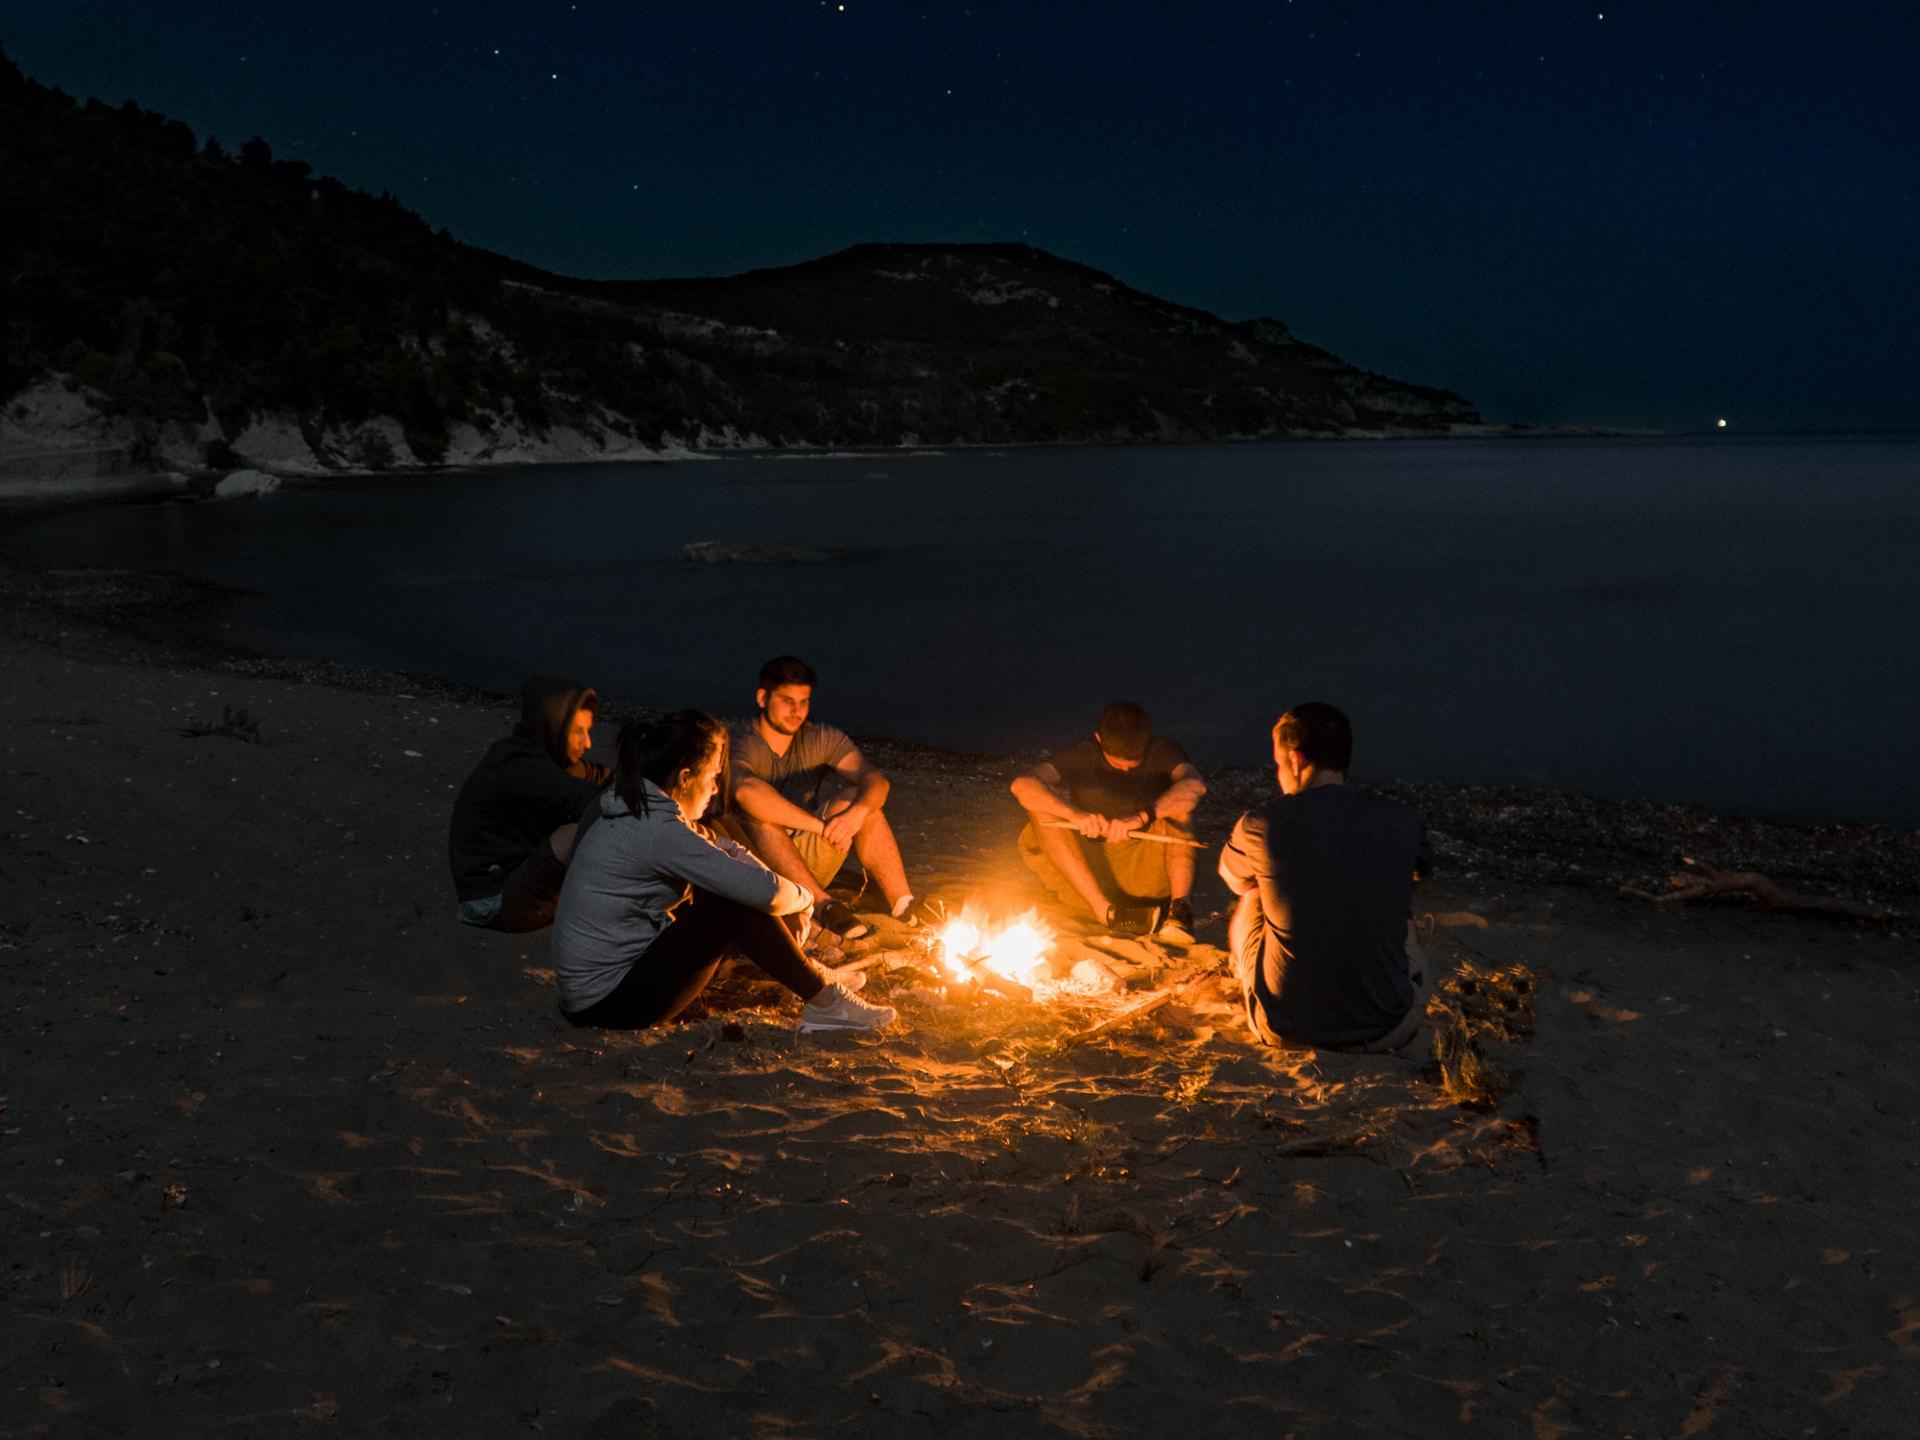 Auch heute sitzen wir gerne als Gruppe ums Feuer. - Photocredit: unsplash.com/Tanner Larson